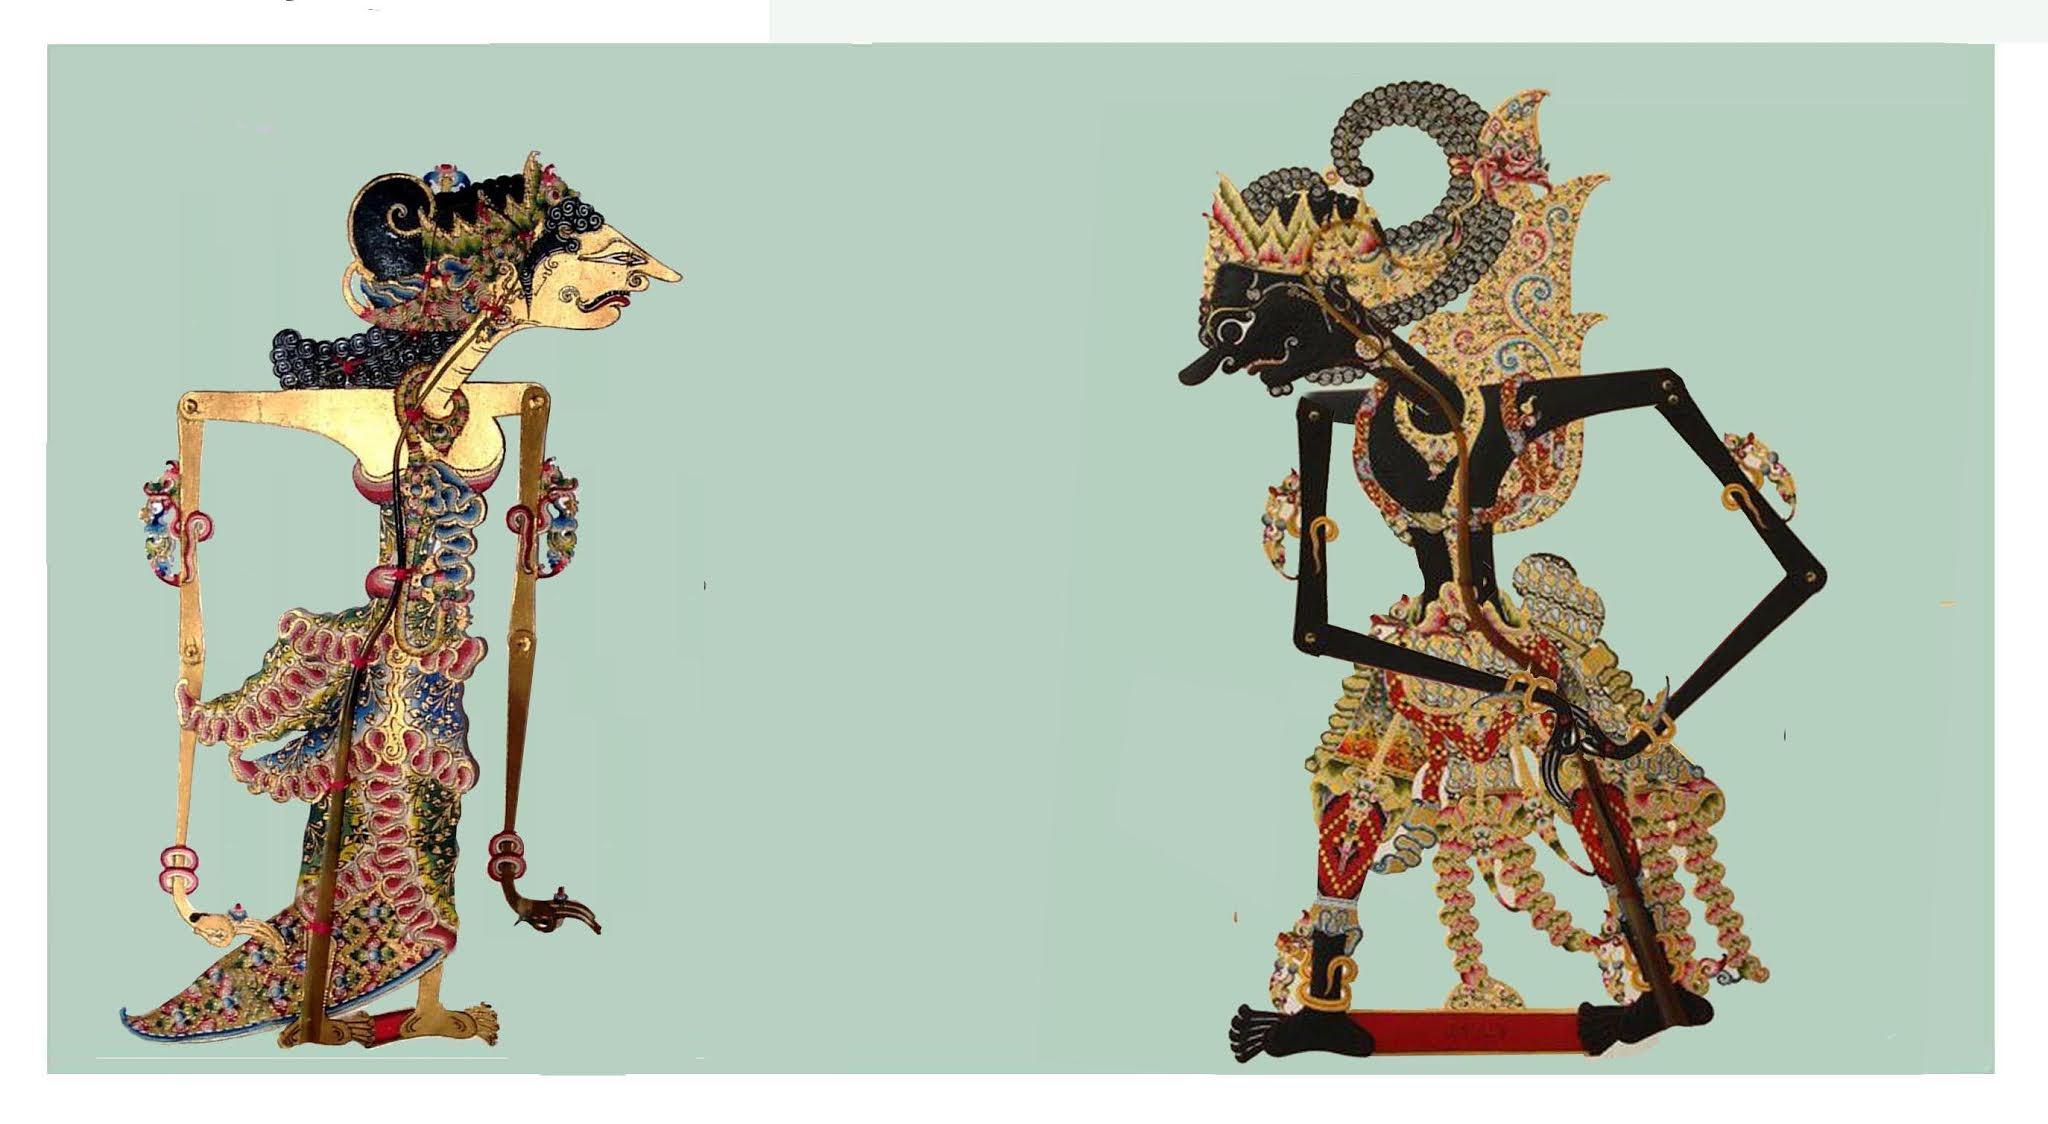 Kisah Cinta Dewi Arimbi dan Bima , Cinta Pada Pandangan Pertama Itu Ada